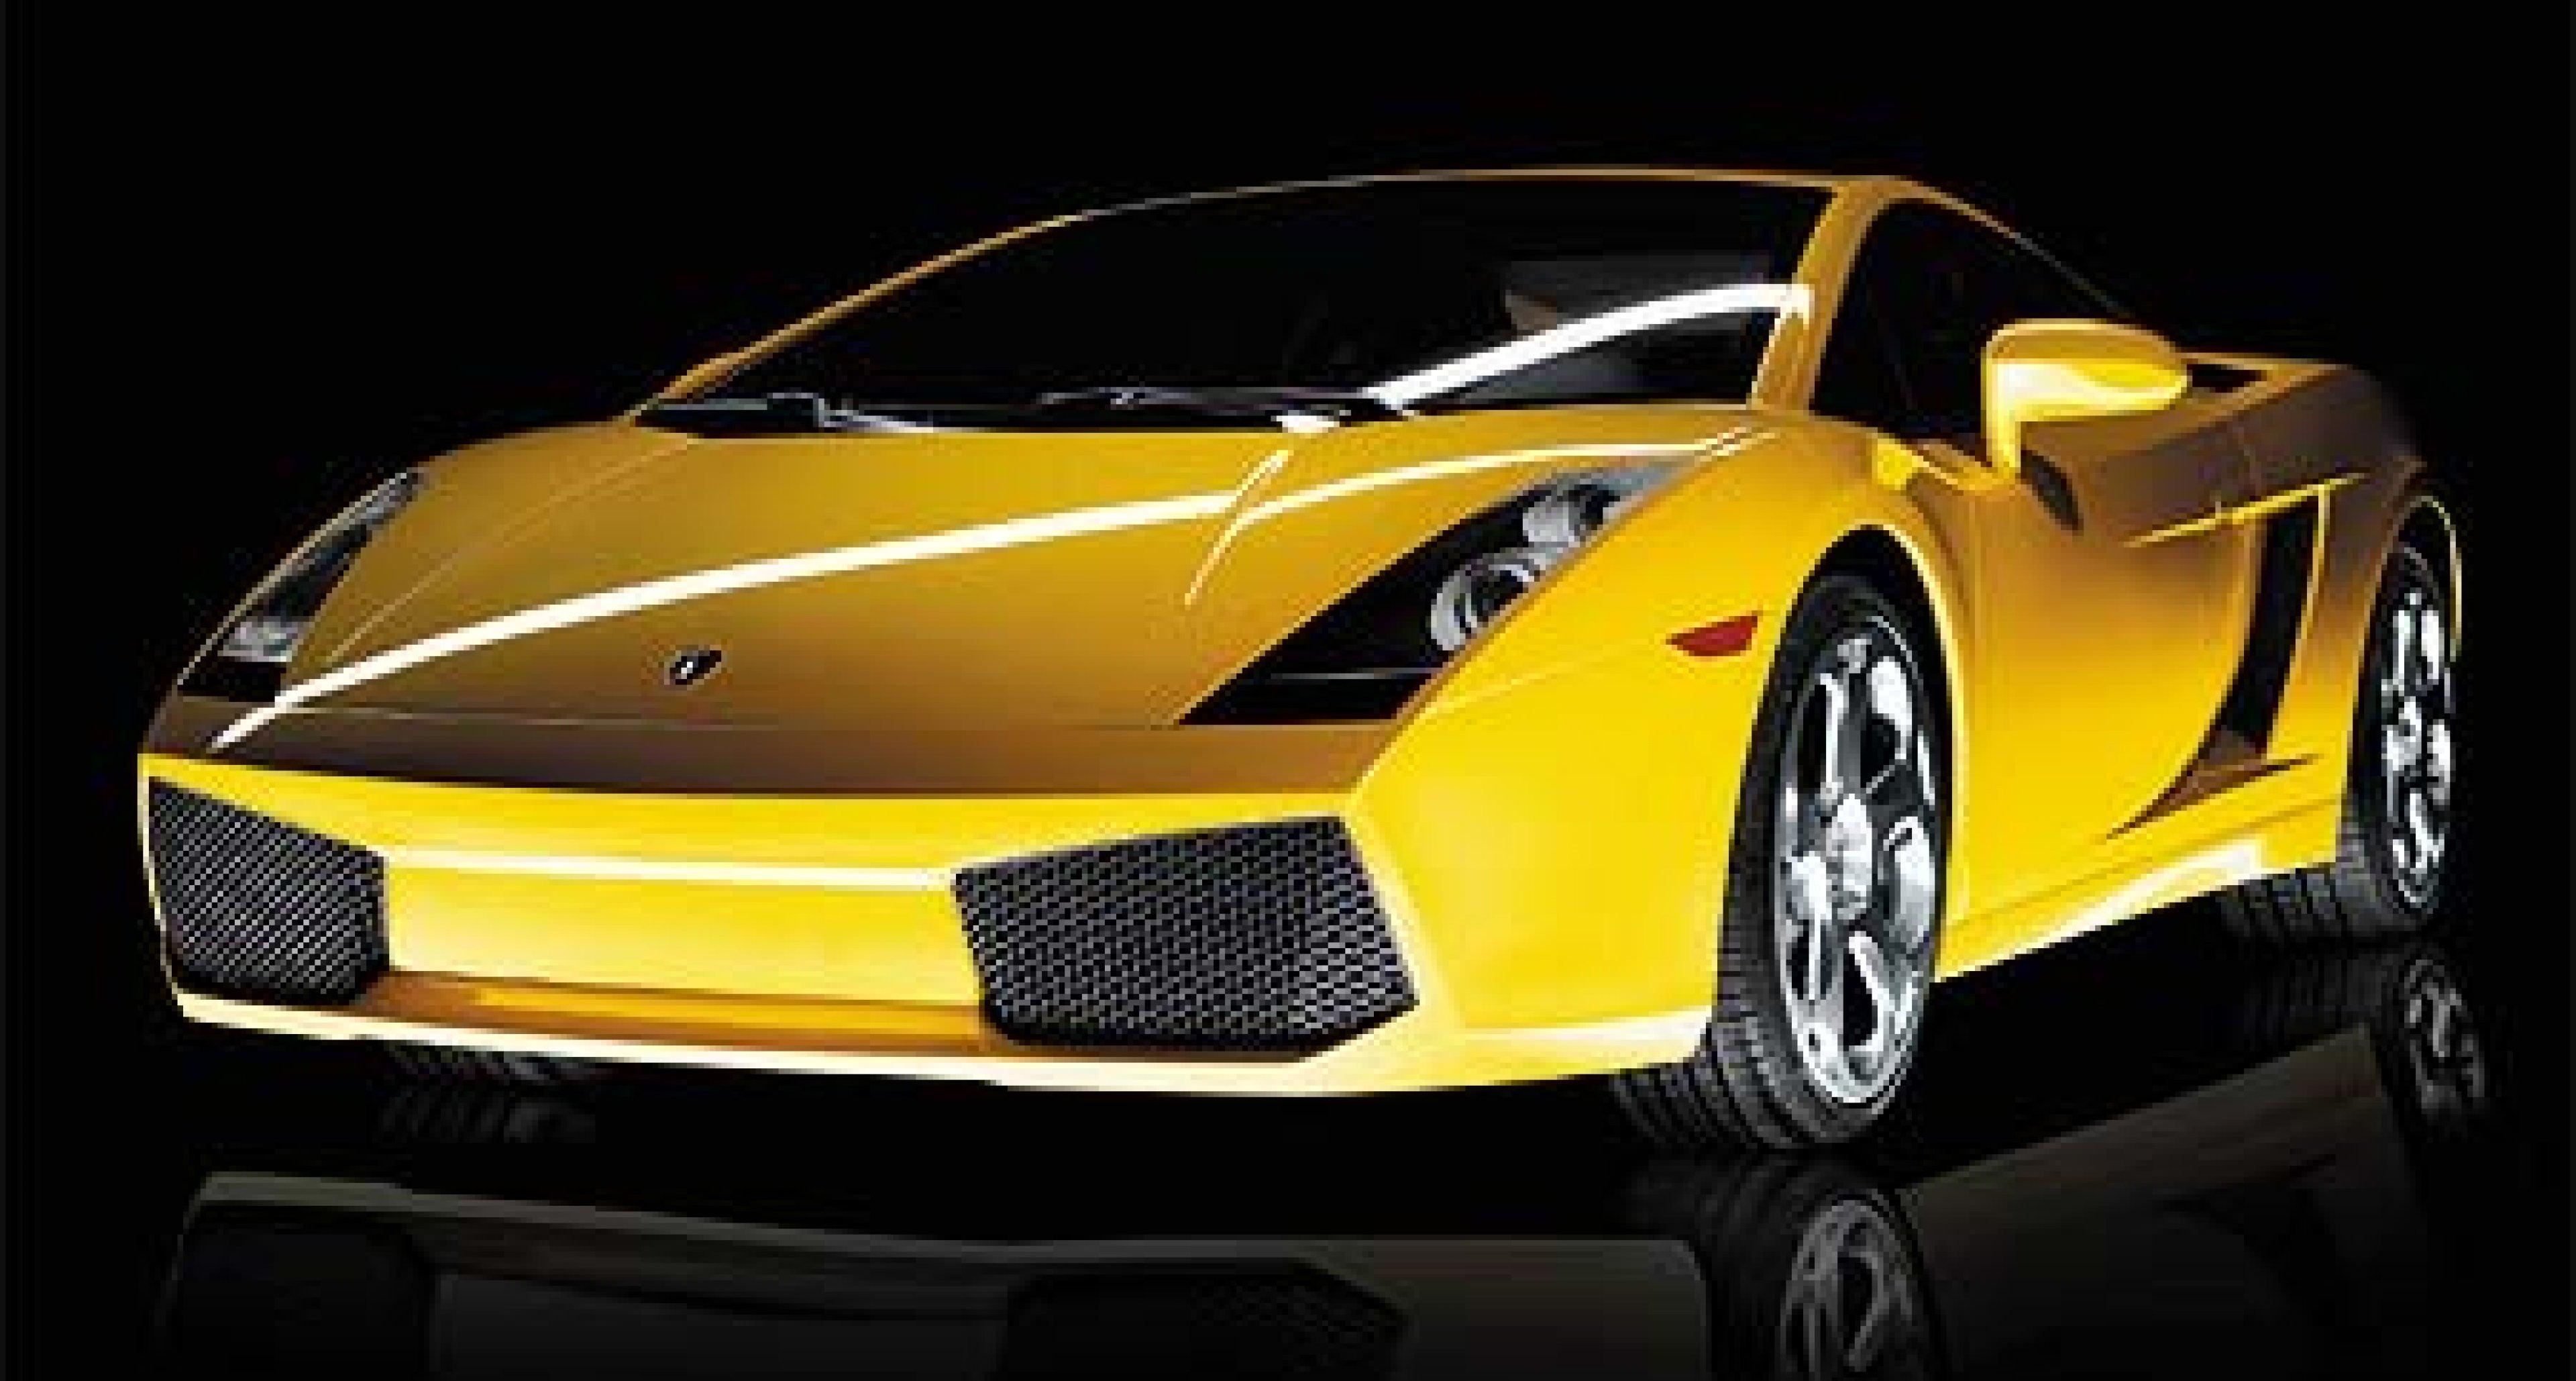 Die Highlights des 73. Internationalen Automobil-Salon in Genf